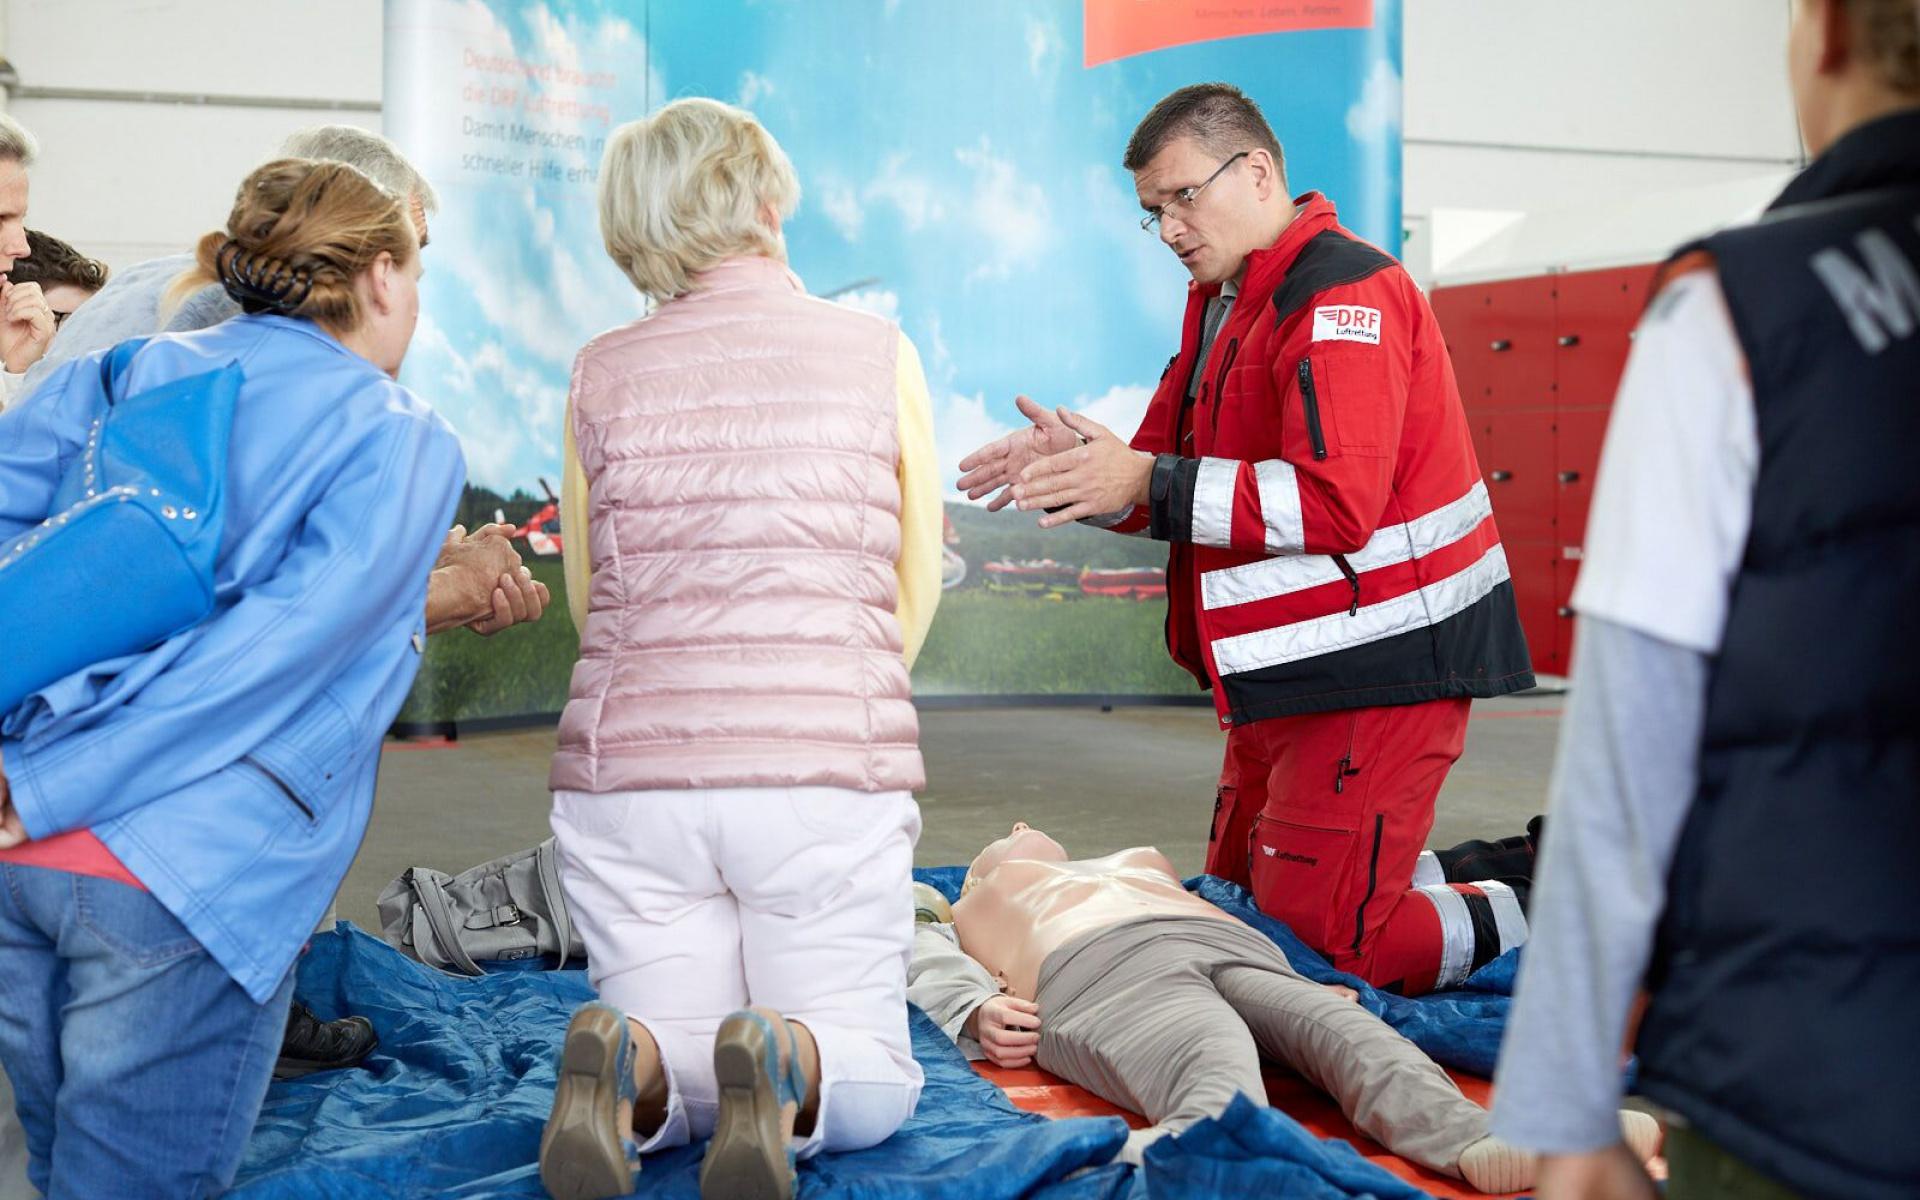 Doch auch selbst Hand anlegen war möglich: Besucher konnten die lebensrettenden Herz-Lungen-Wiederbelebung üben. Foto: Mario Tomiak.